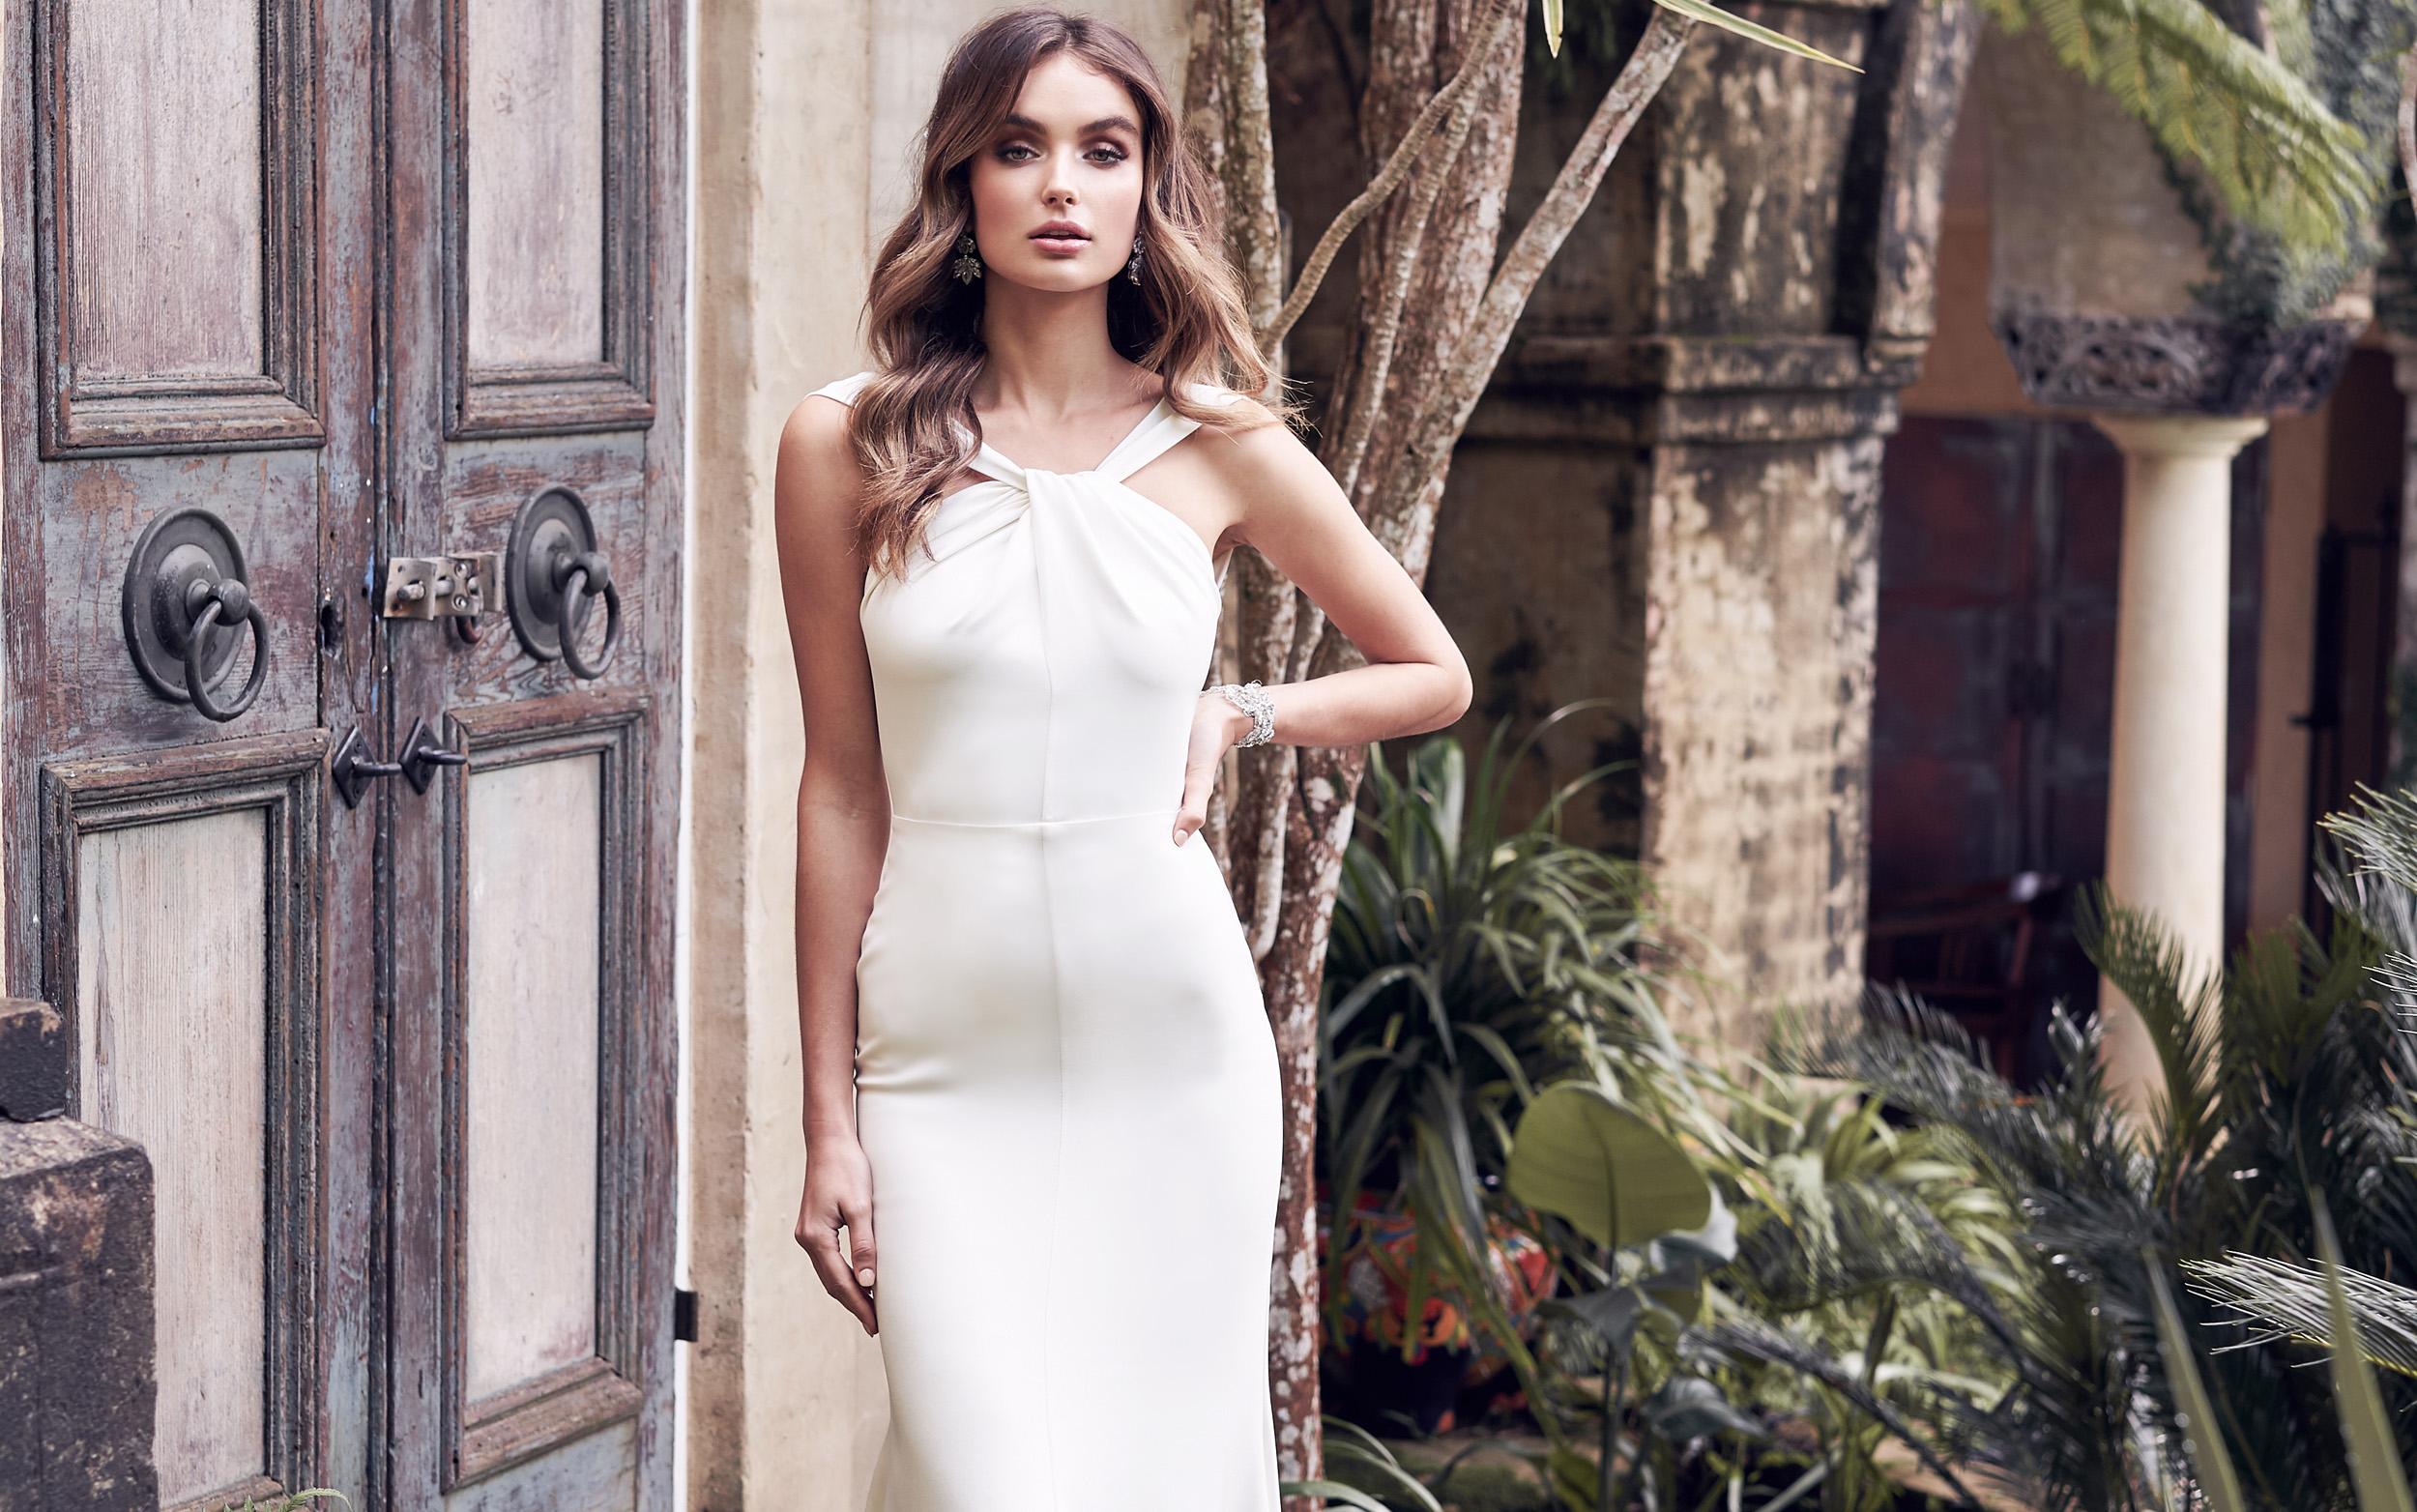 Rebekah_Dress_wanderlust_anna_campbell_wedding_Dress_inspire_Weddings.jpg